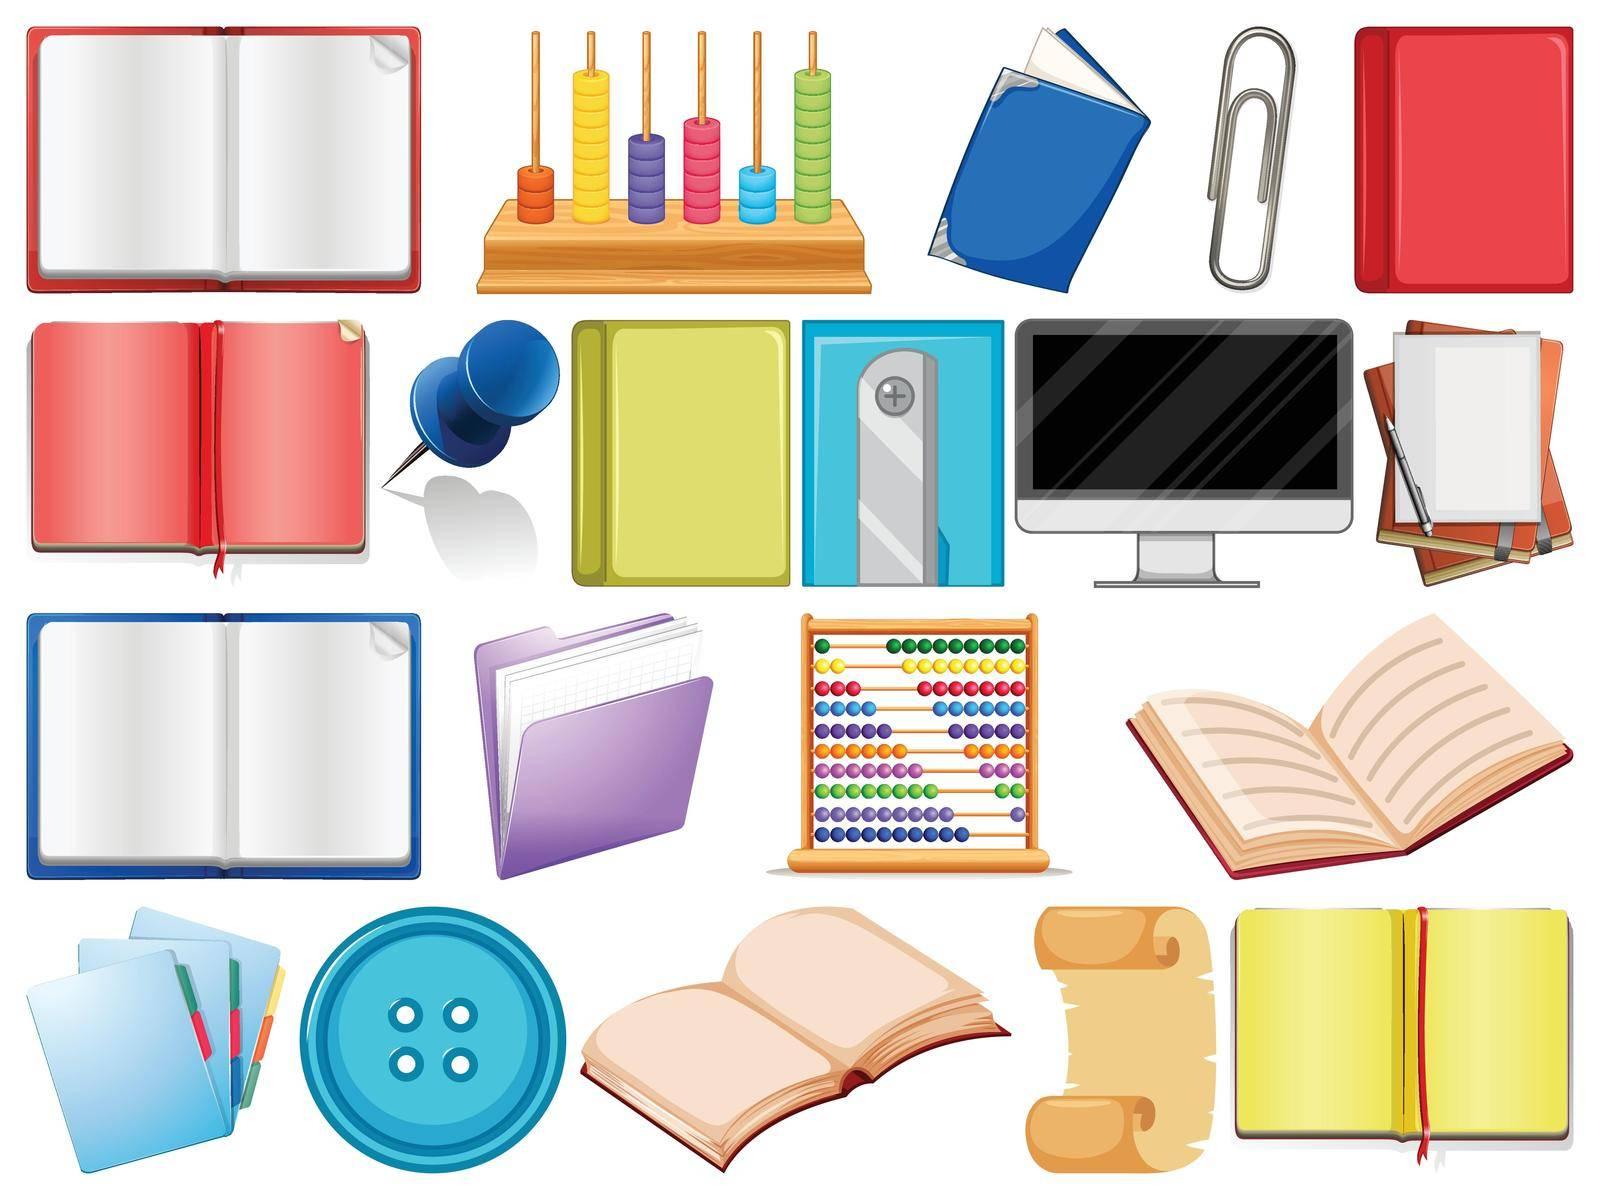 school or school equipment by iimages